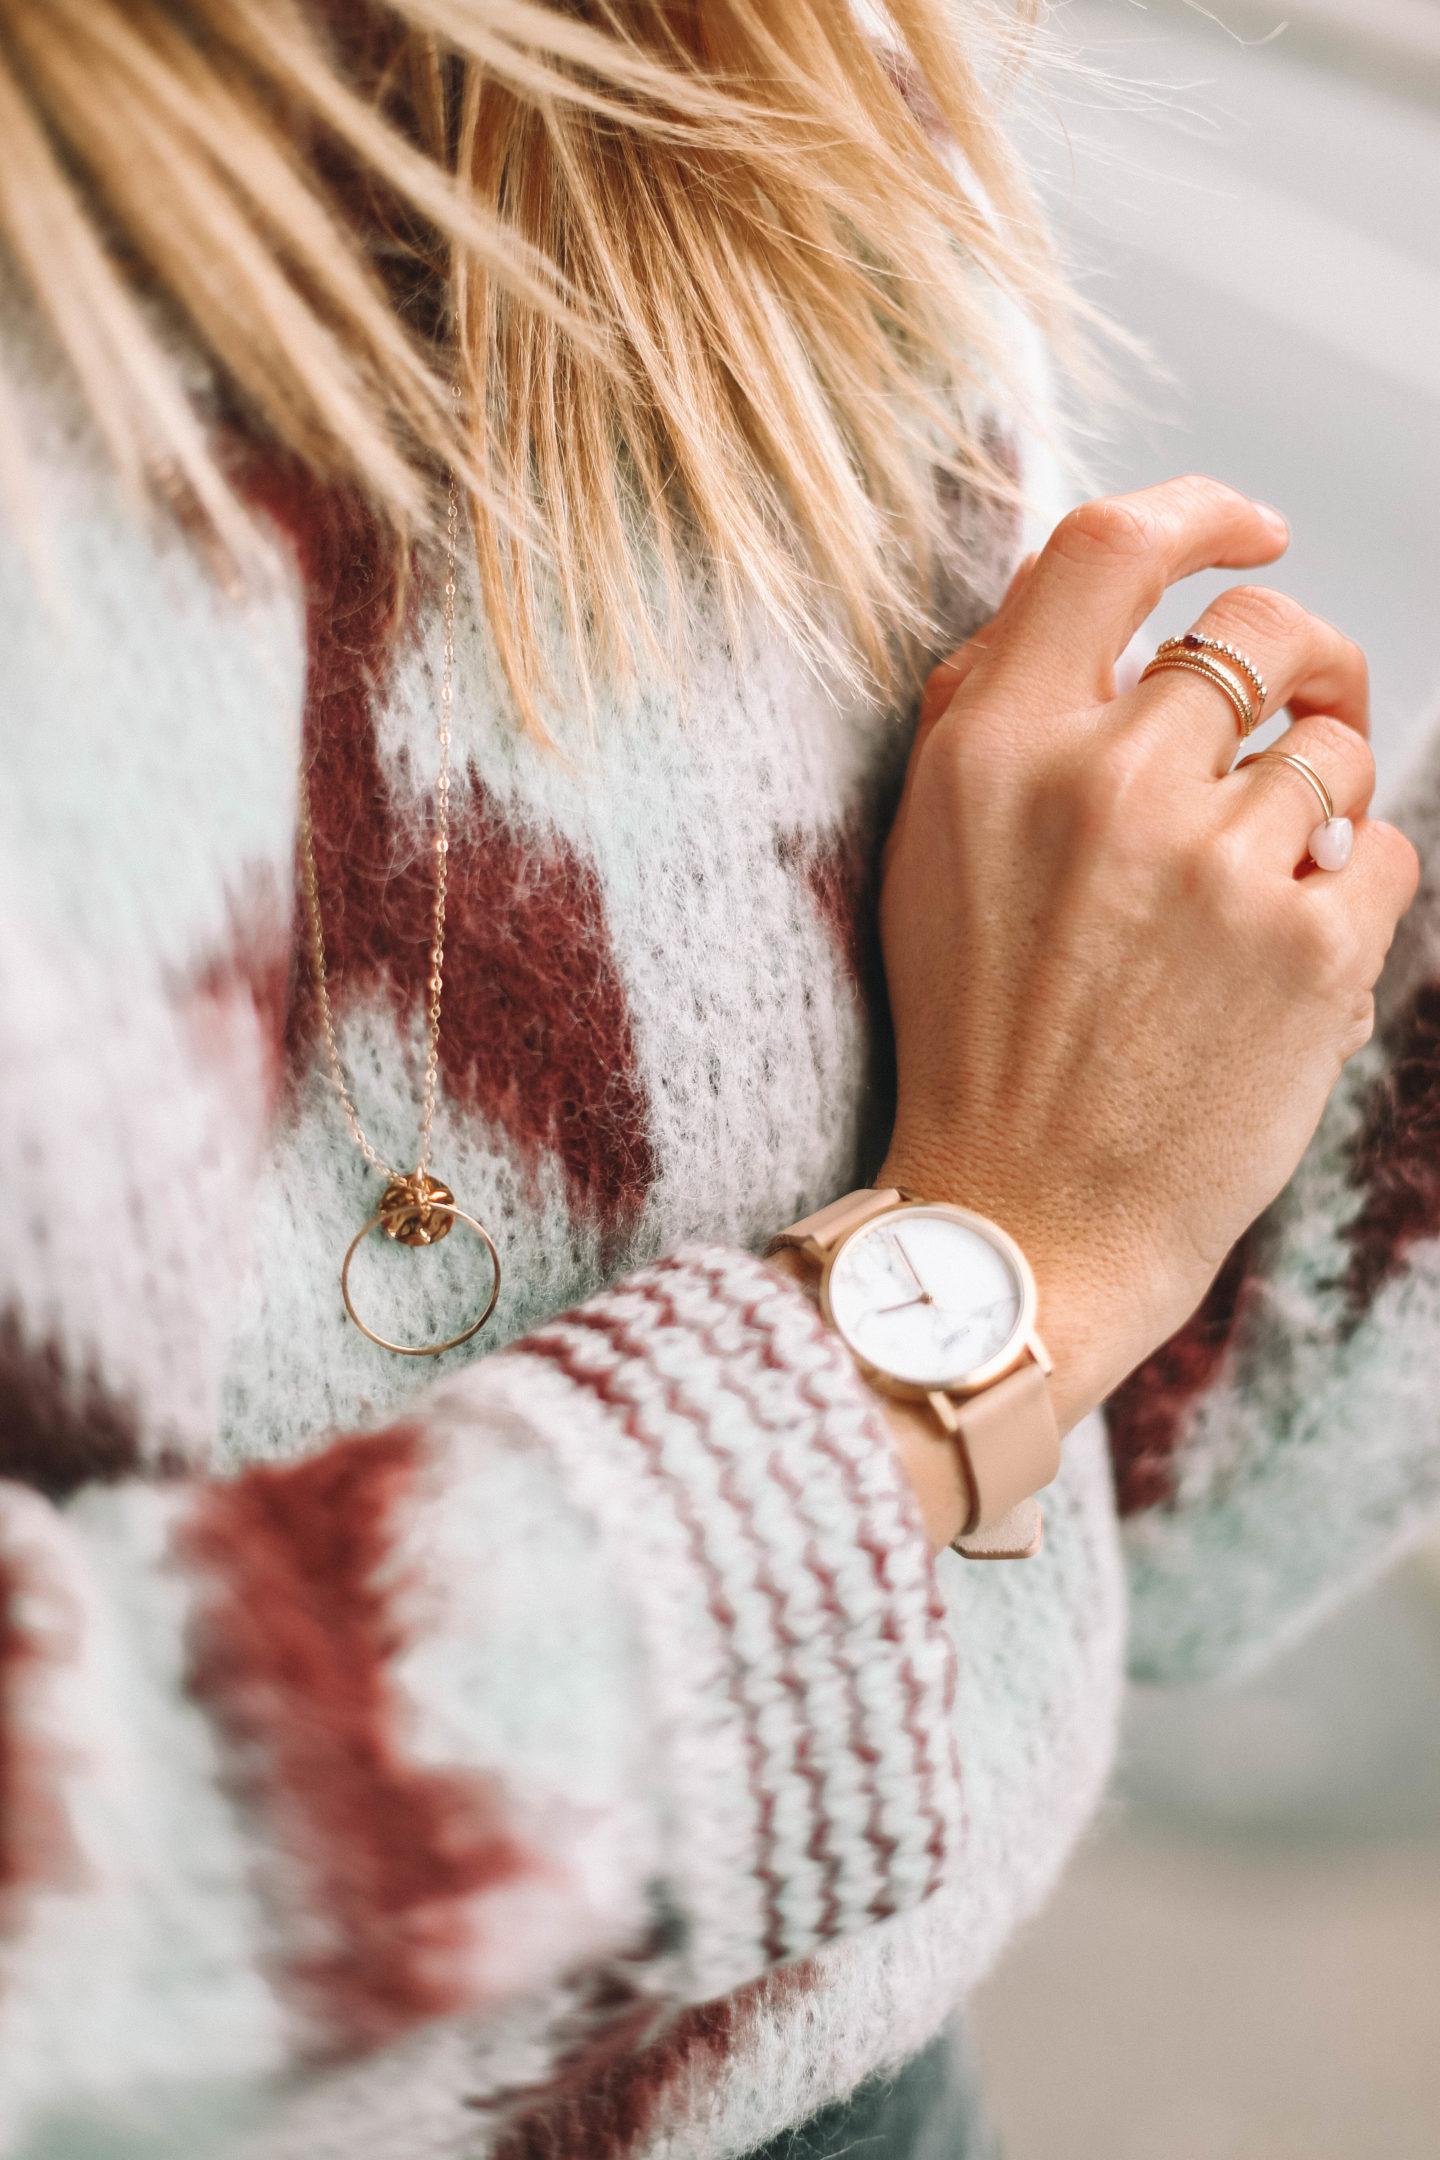 Montre Cluse Marbre - Blondie baby blog mode et voyages